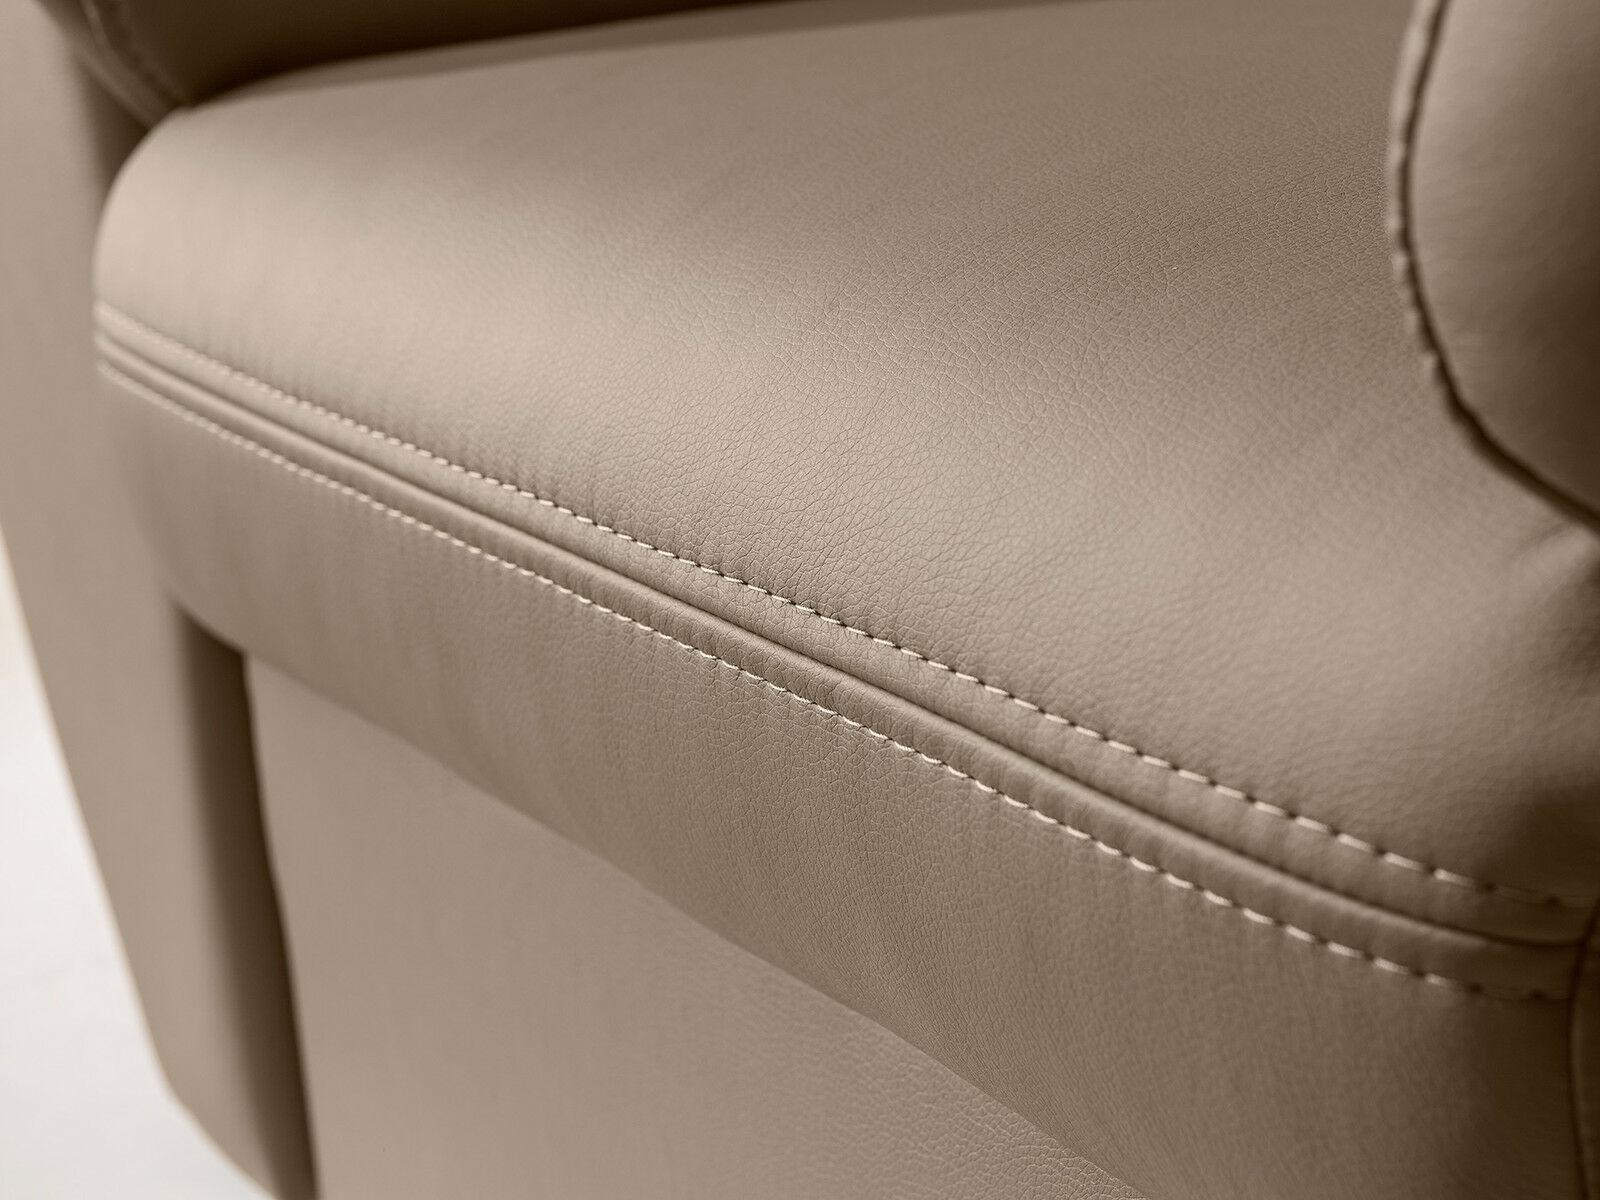 Anspruchsvoll Sessel Couch Das Beste Von Amigo 1 Er Sofa Couchgarnitur Polsterecke Wohnlandschaft